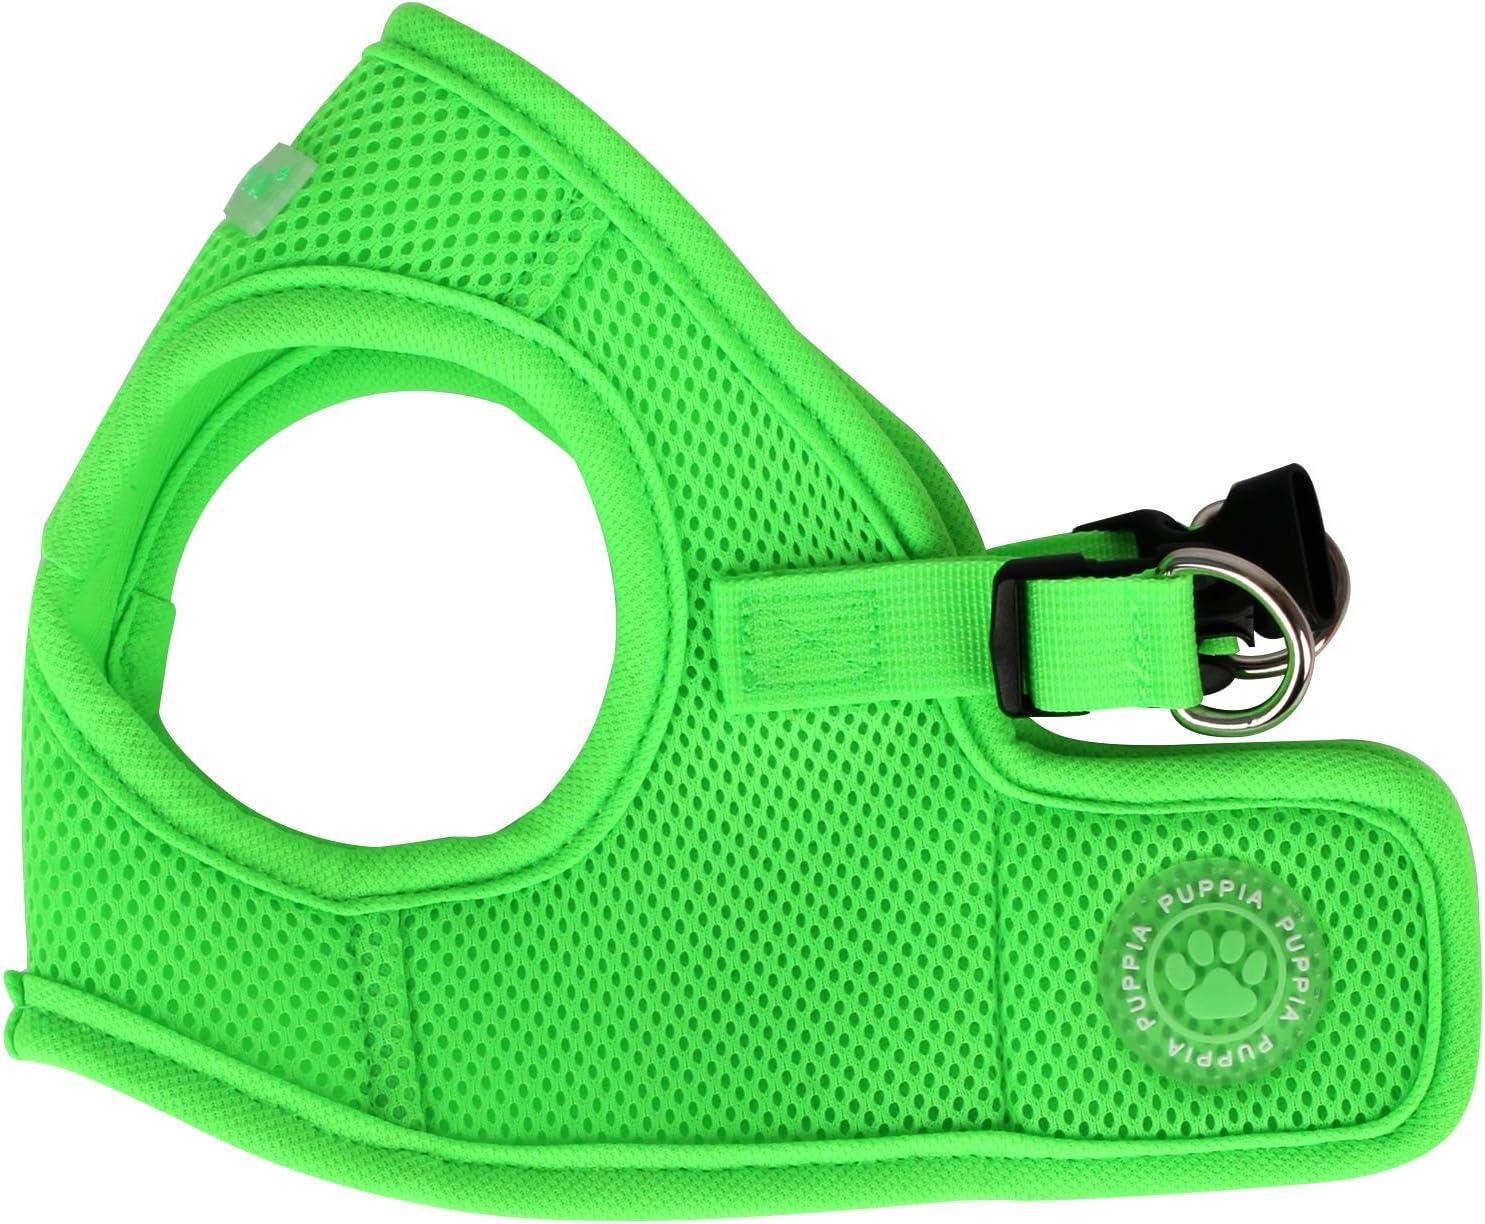 Puppia Neon Harnais pour Veste Souple Vert Taille XL